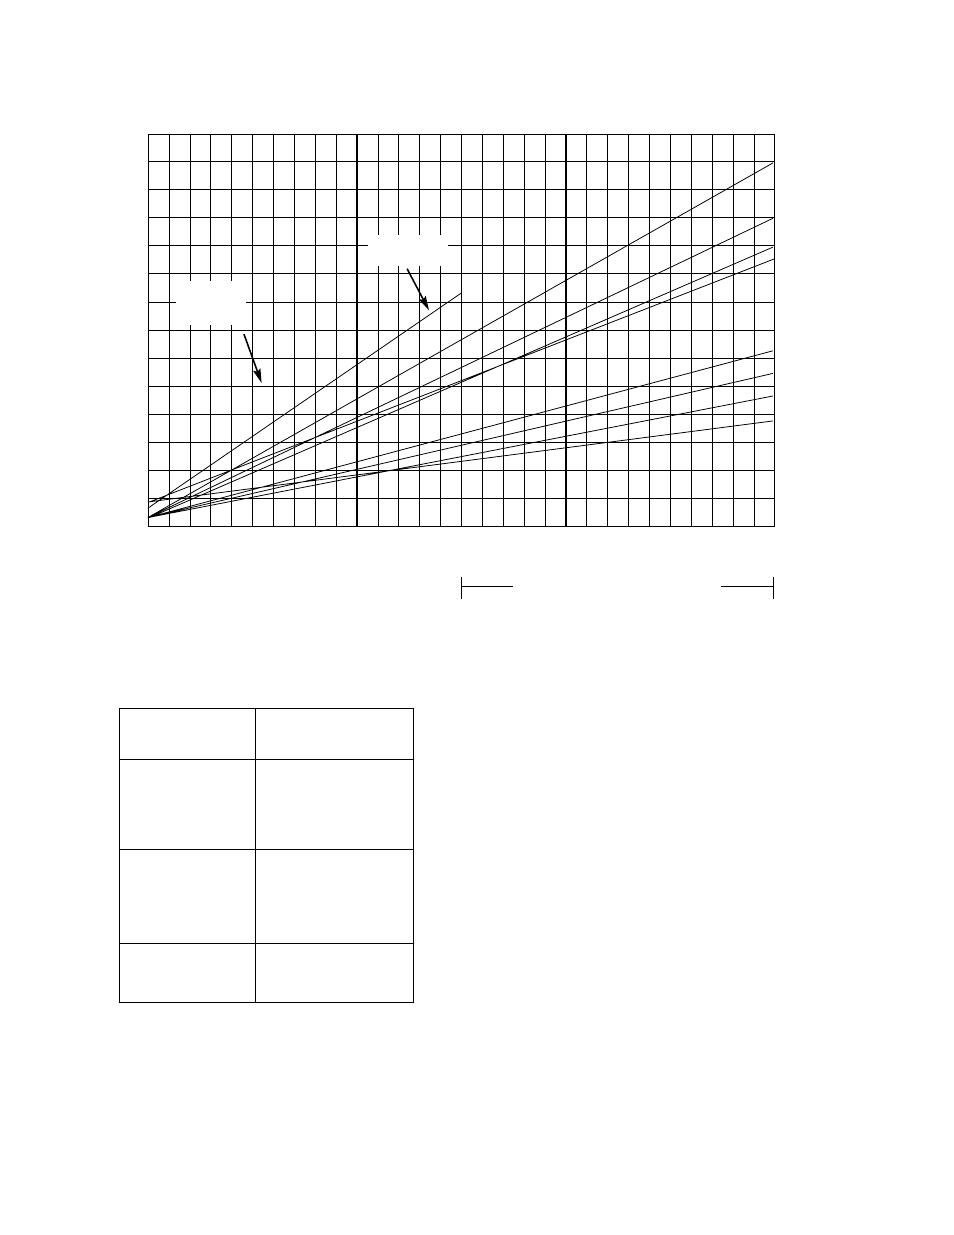 Leslie Controls GP Pressure reducing valve User Manual